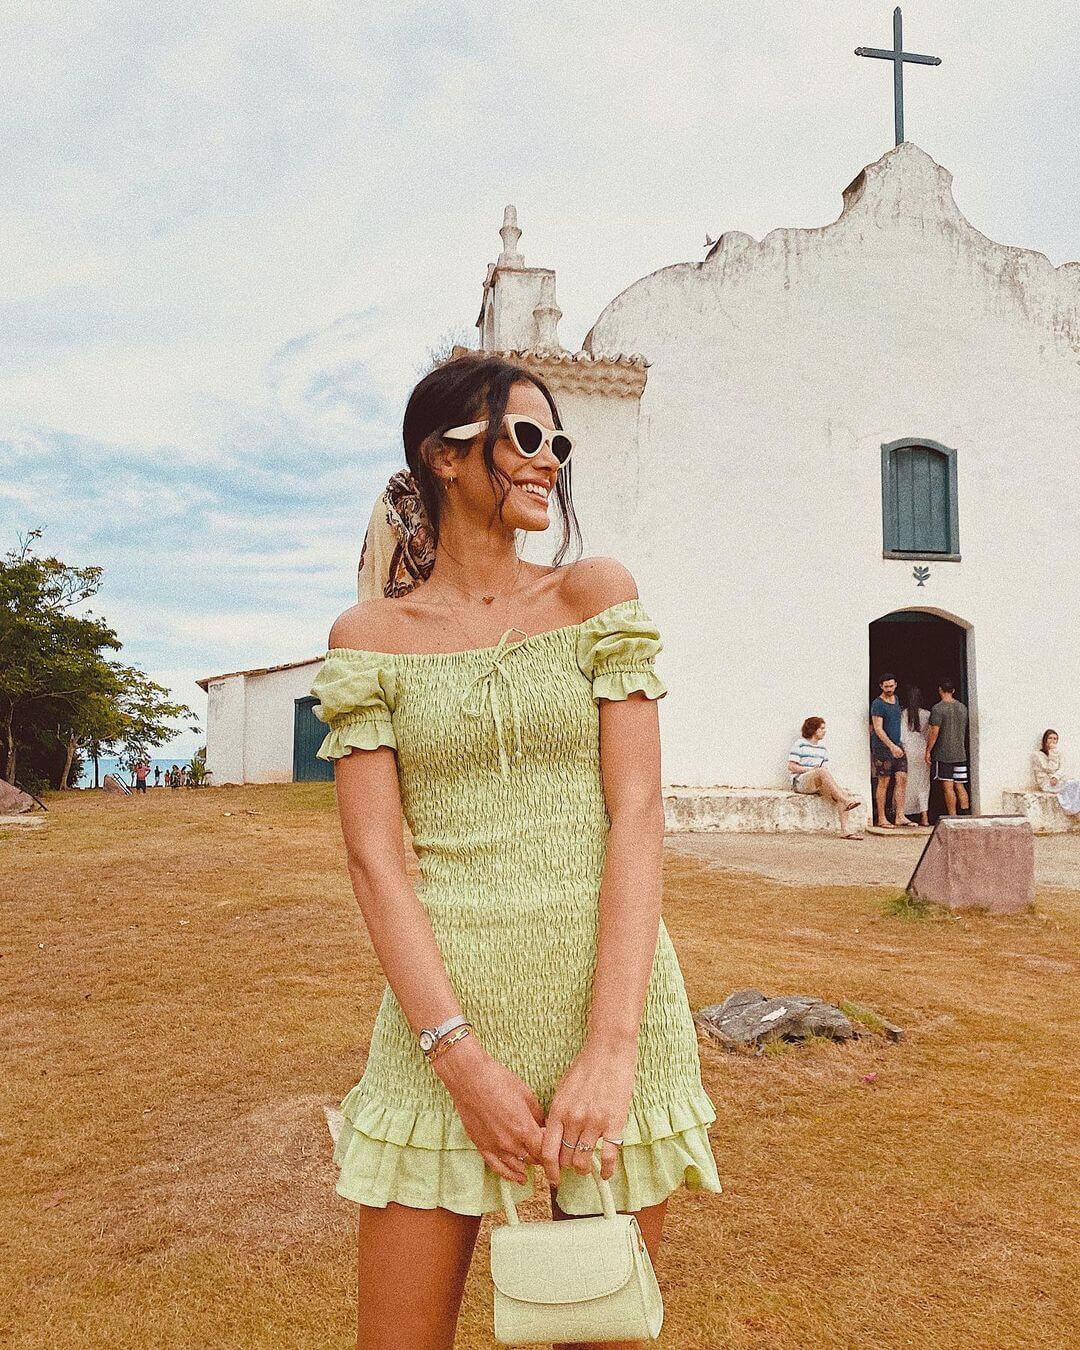 Bruna Marquezine - Look de verão - Bruna Marquezine - Verão - Steal the Look  - https://stealthelook.com.br